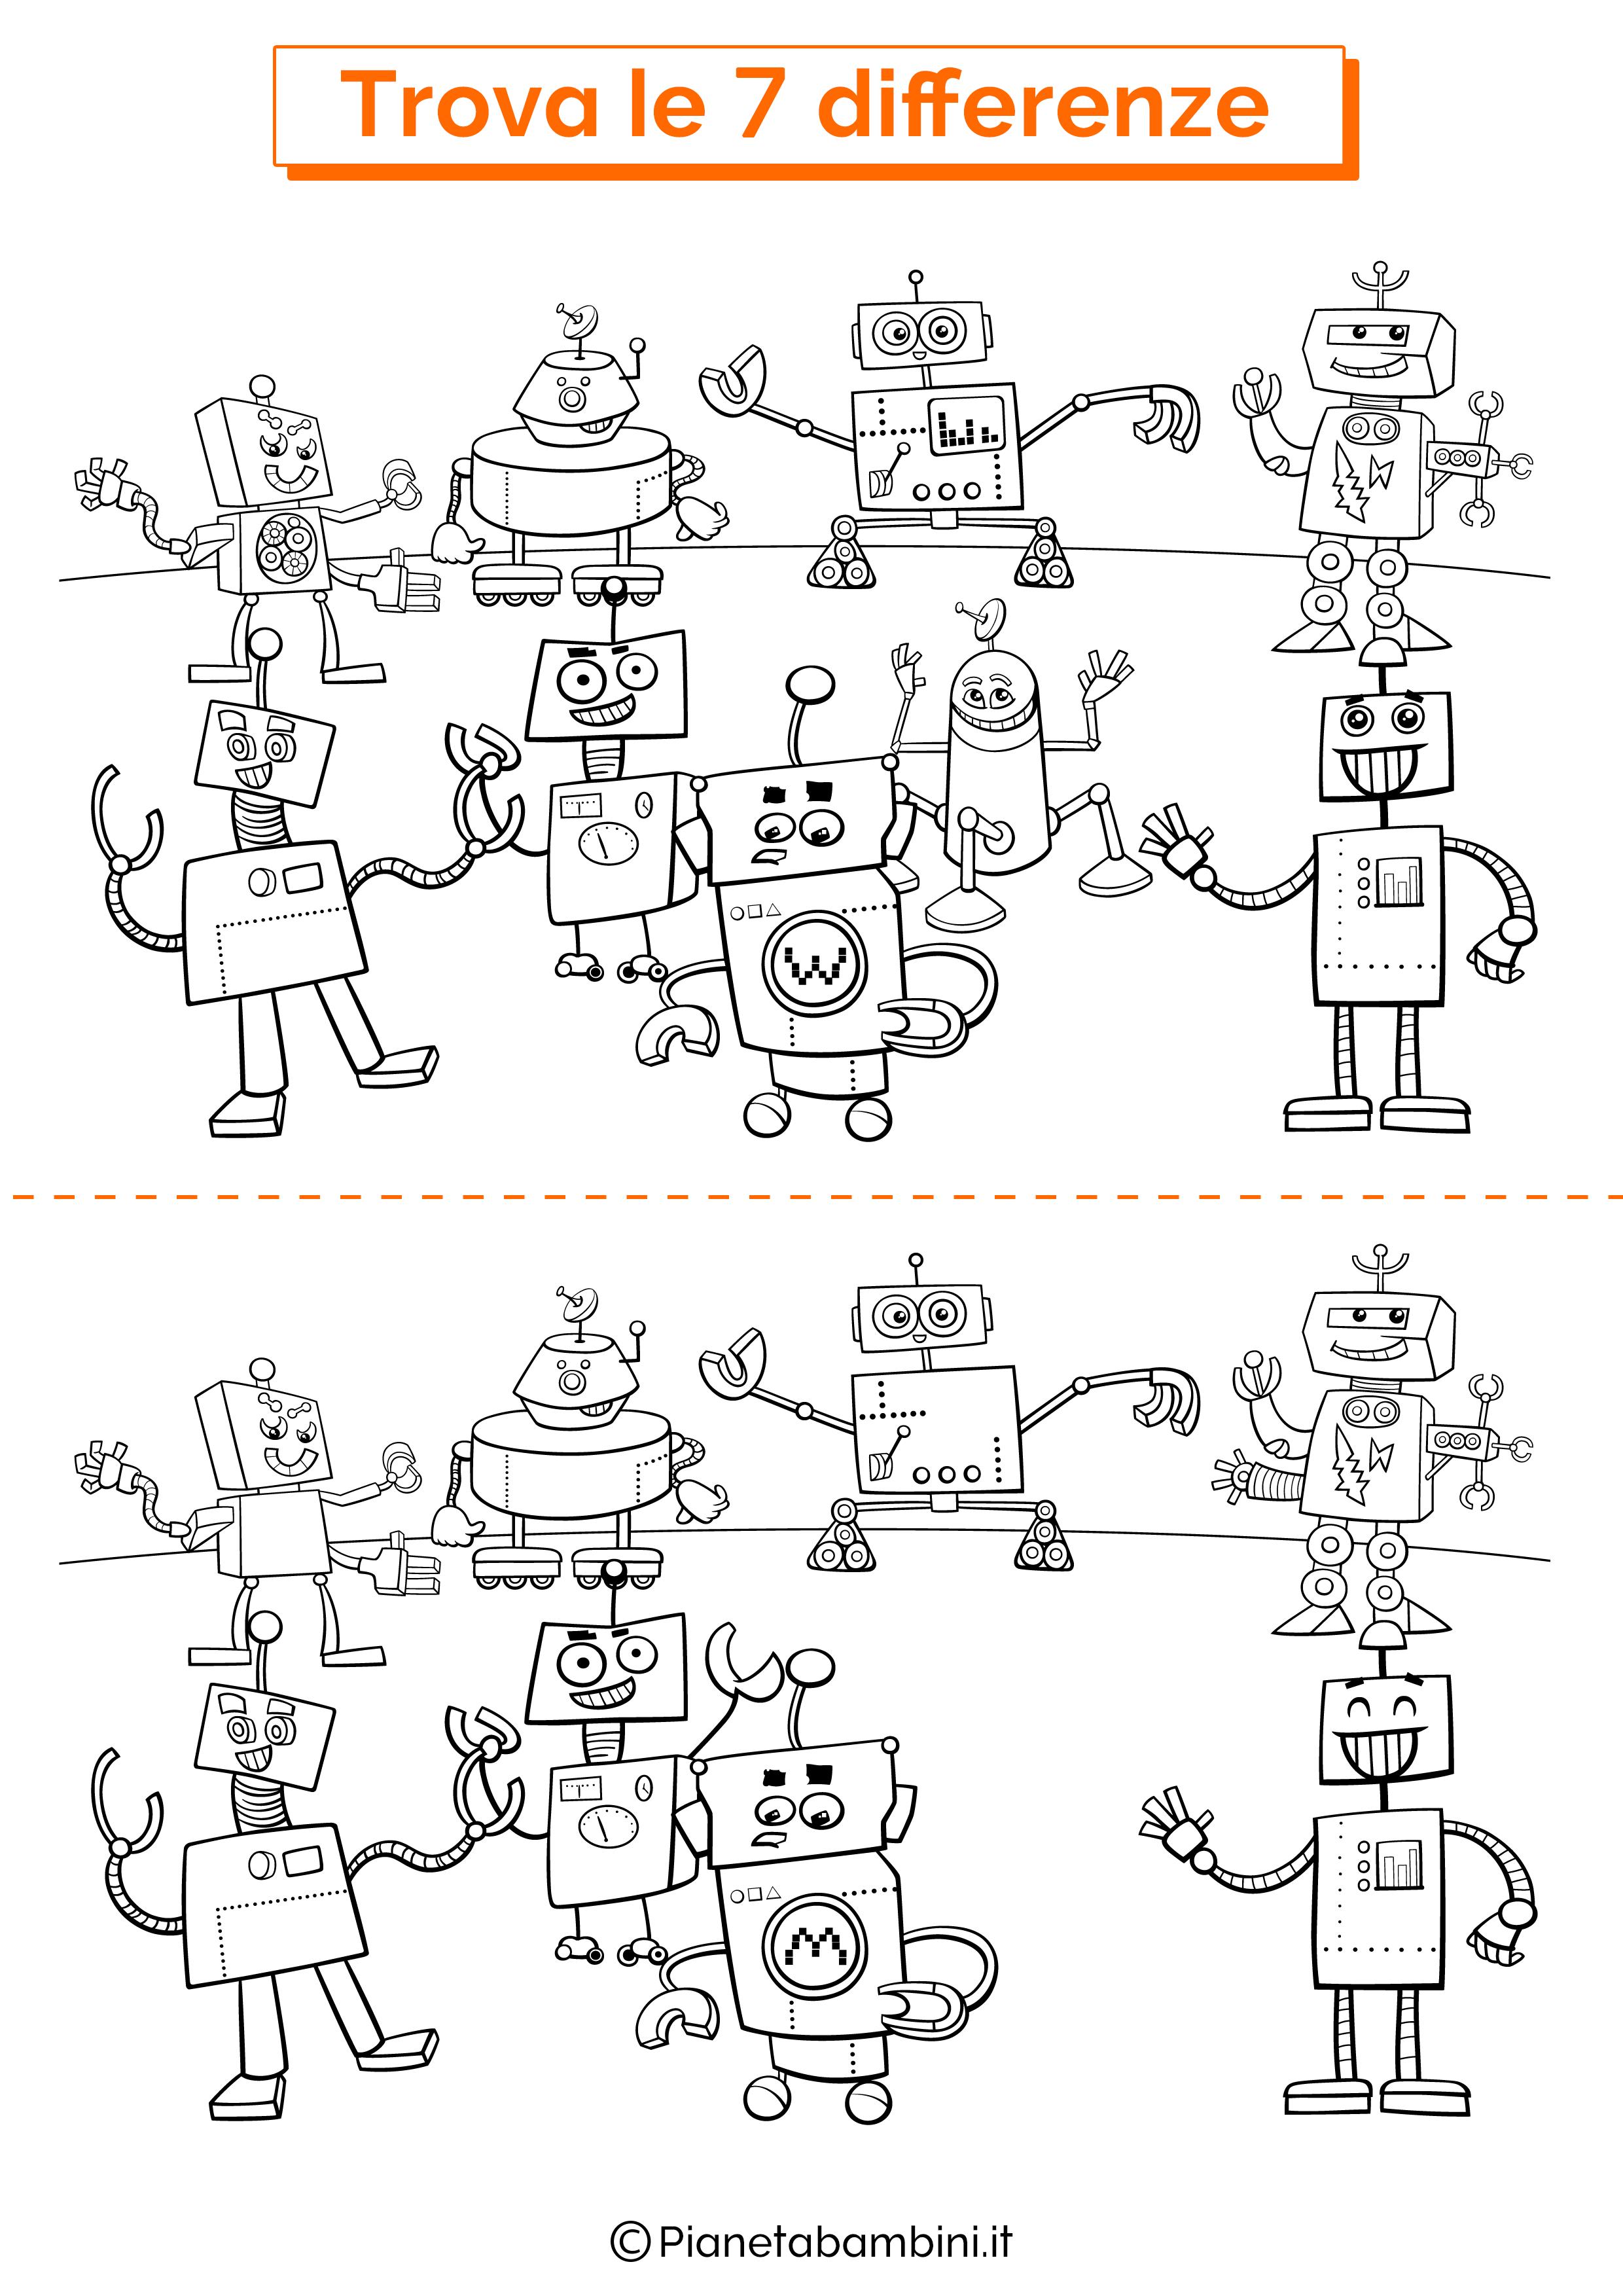 Disegno trova 7 differenze robot 1